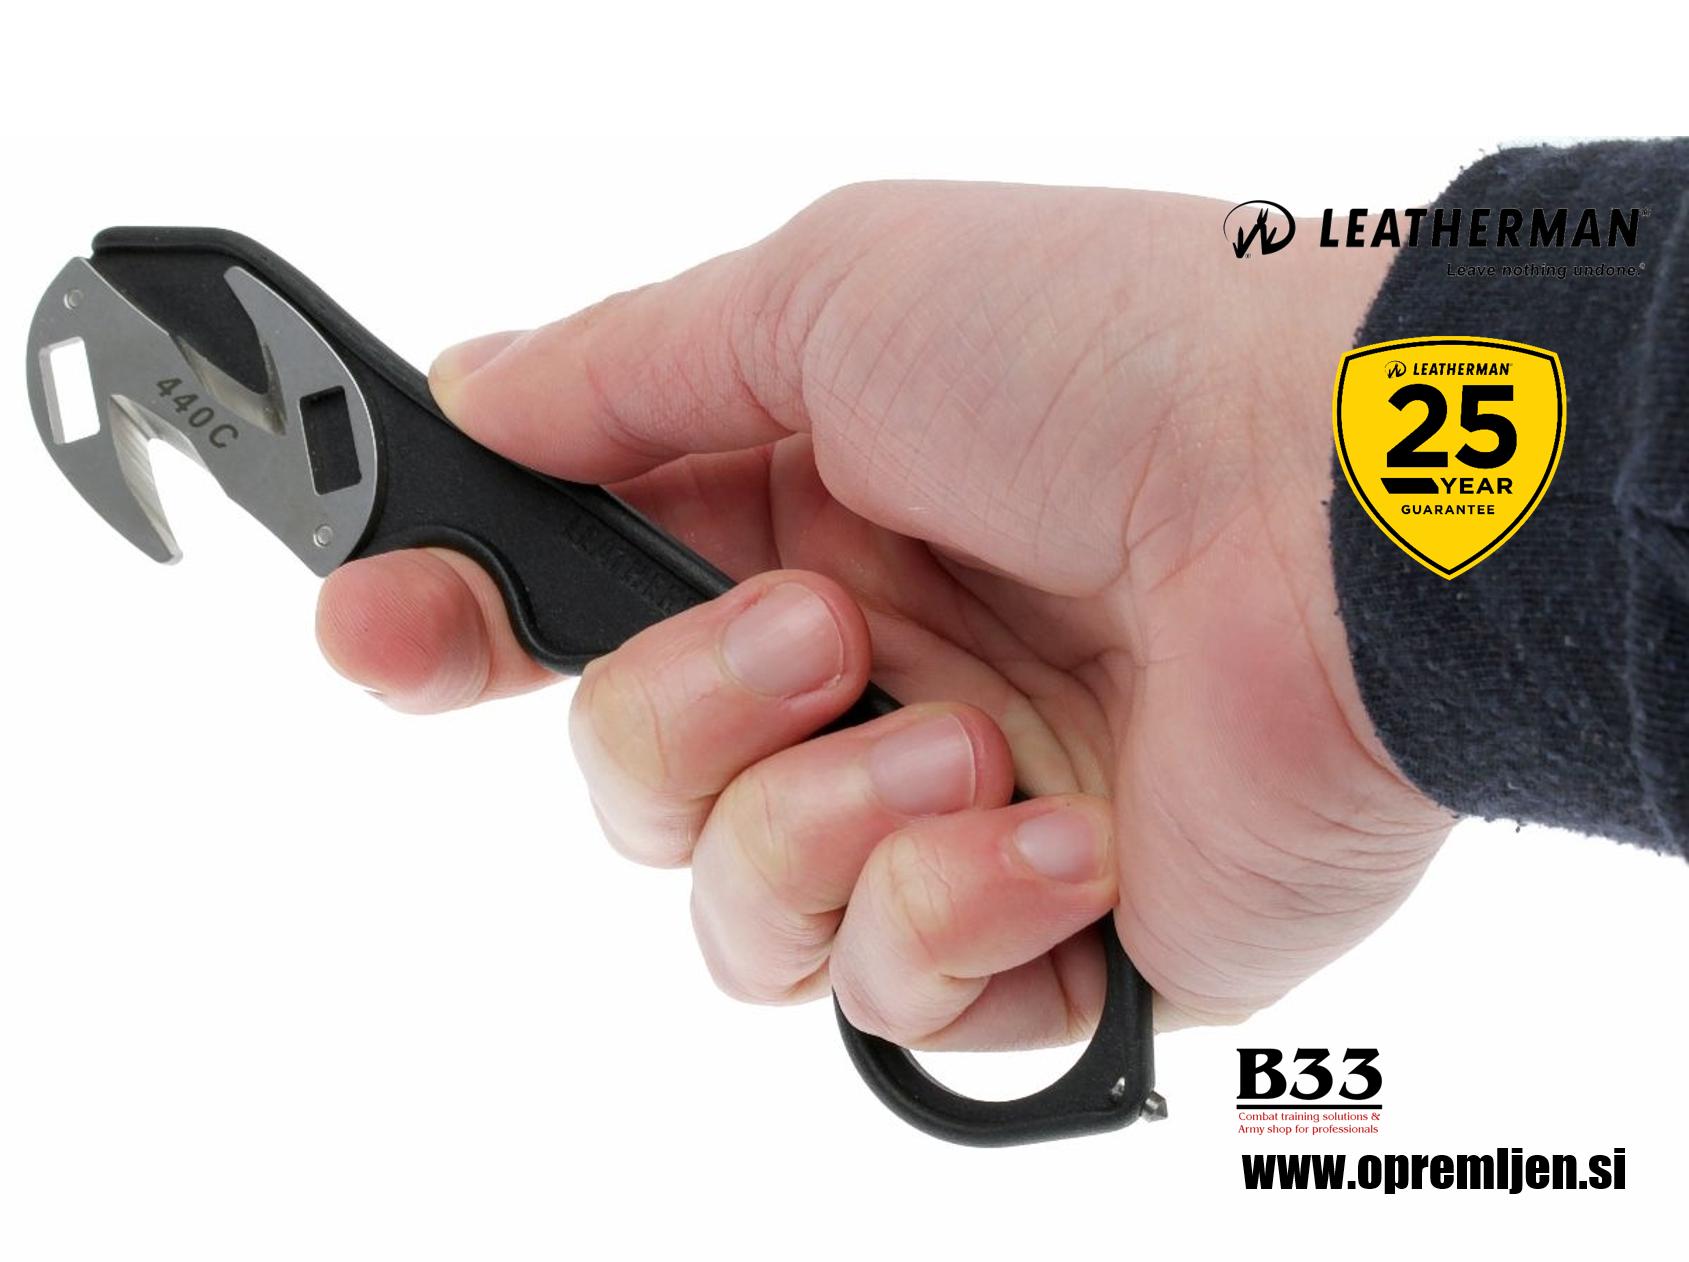 LEATHERMAN večnamensko orodje Z-Rex iz nerjavečega jekla by B33 army shop at ww.opremljen.si, trgovina z vojaško opremo, vojaška trgovina